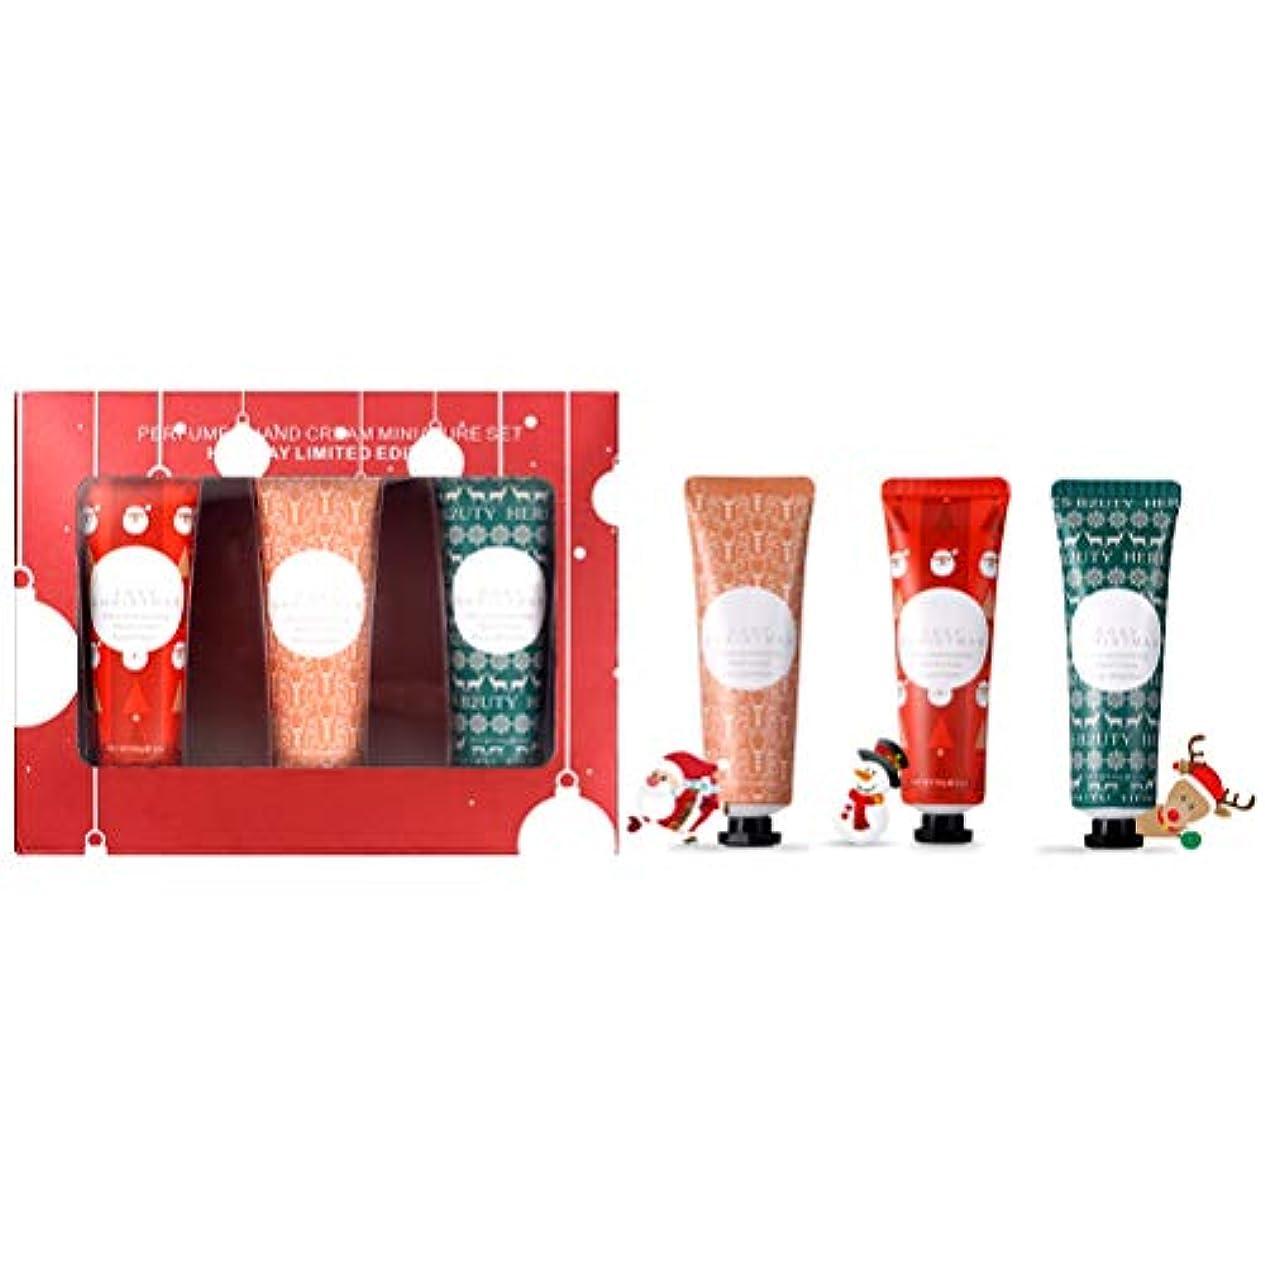 奇妙な格納集団的Blight 3Pcsハンドクリーム 保湿ハンドクリーム ハンドケア クリスマスハンドクリーム クリスマスプレゼント